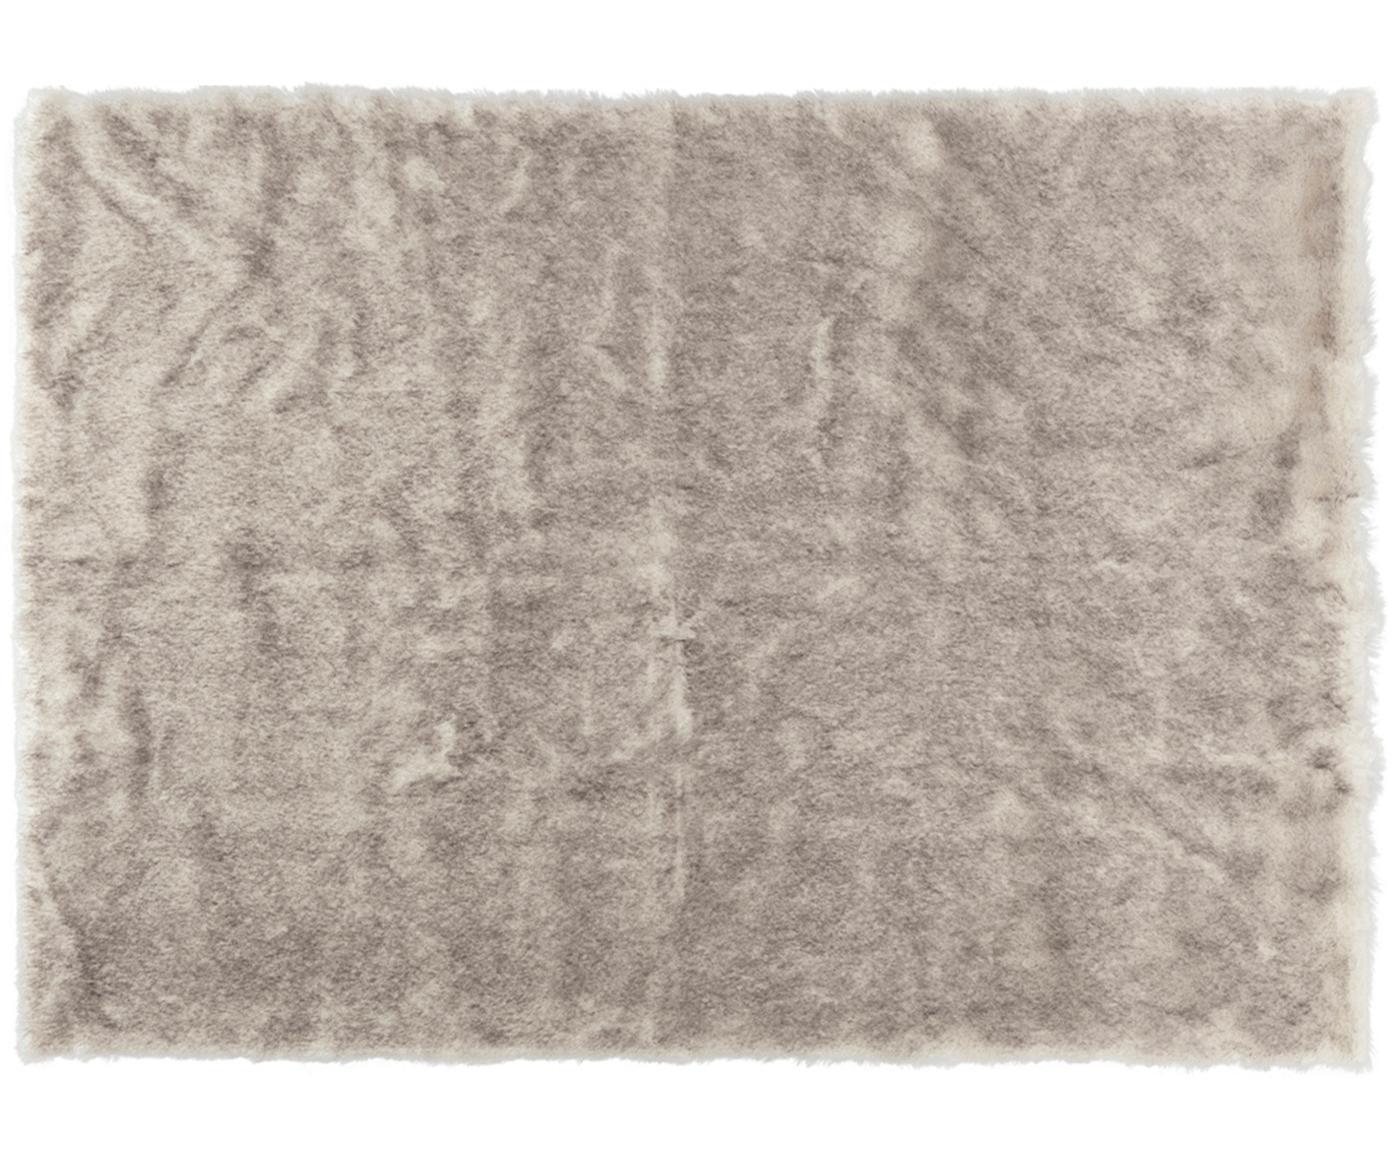 Pluizig hoogpolig vloerkleed Superior van imitatievacht, Bovenzijde: 95% acryl, 5% polyester, Onderzijde: kunstleer, Crèmekleurig, beige, wit, B 120 x L 170 cm (maat S)